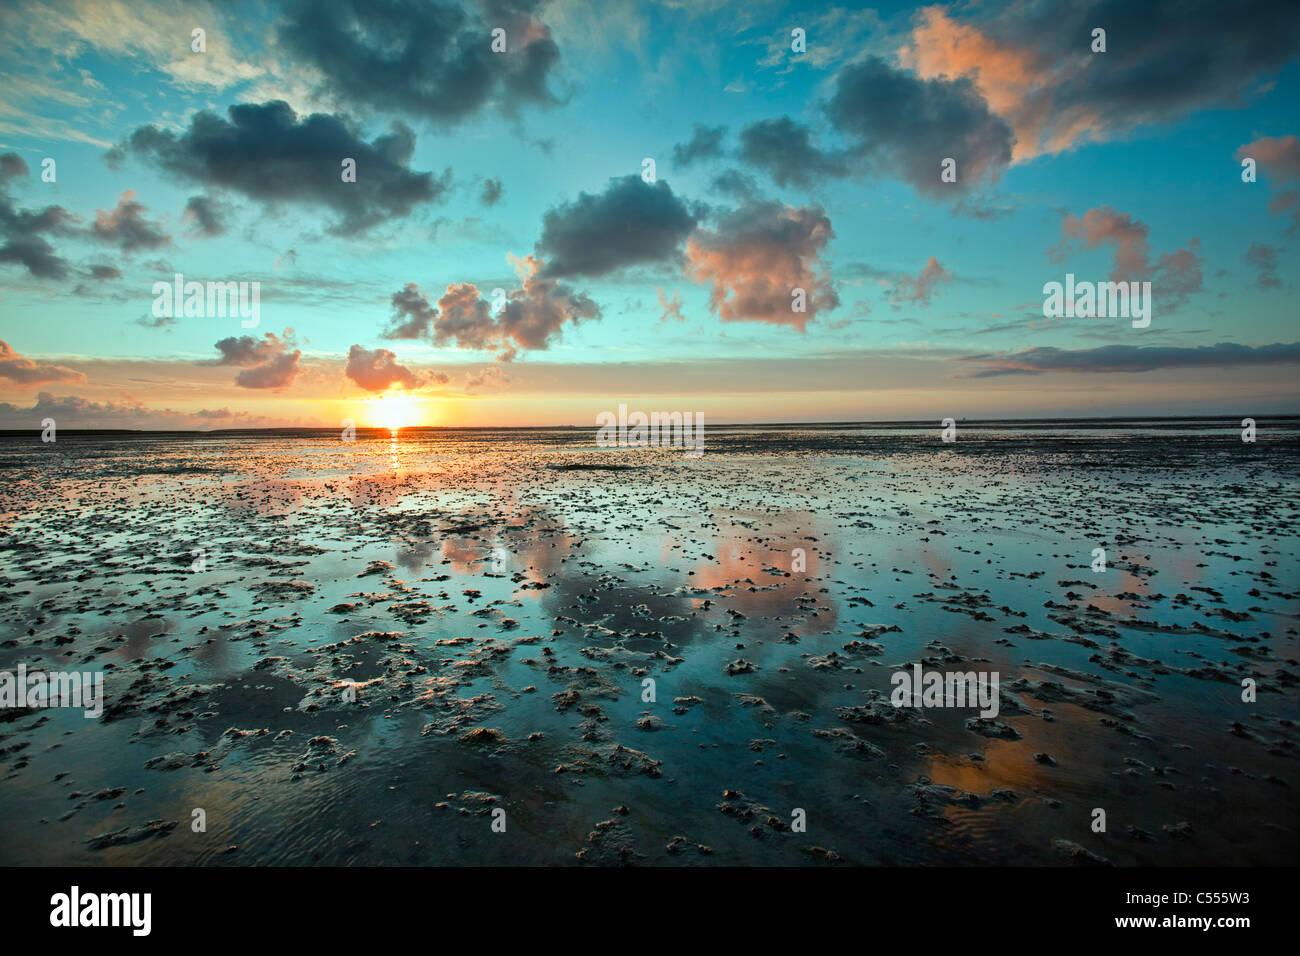 The Netherlands, Buren, Ameland Island, belonging to Wadden Sea Islands. Unesco World Heritage Site. Mud flats. - Stock Image